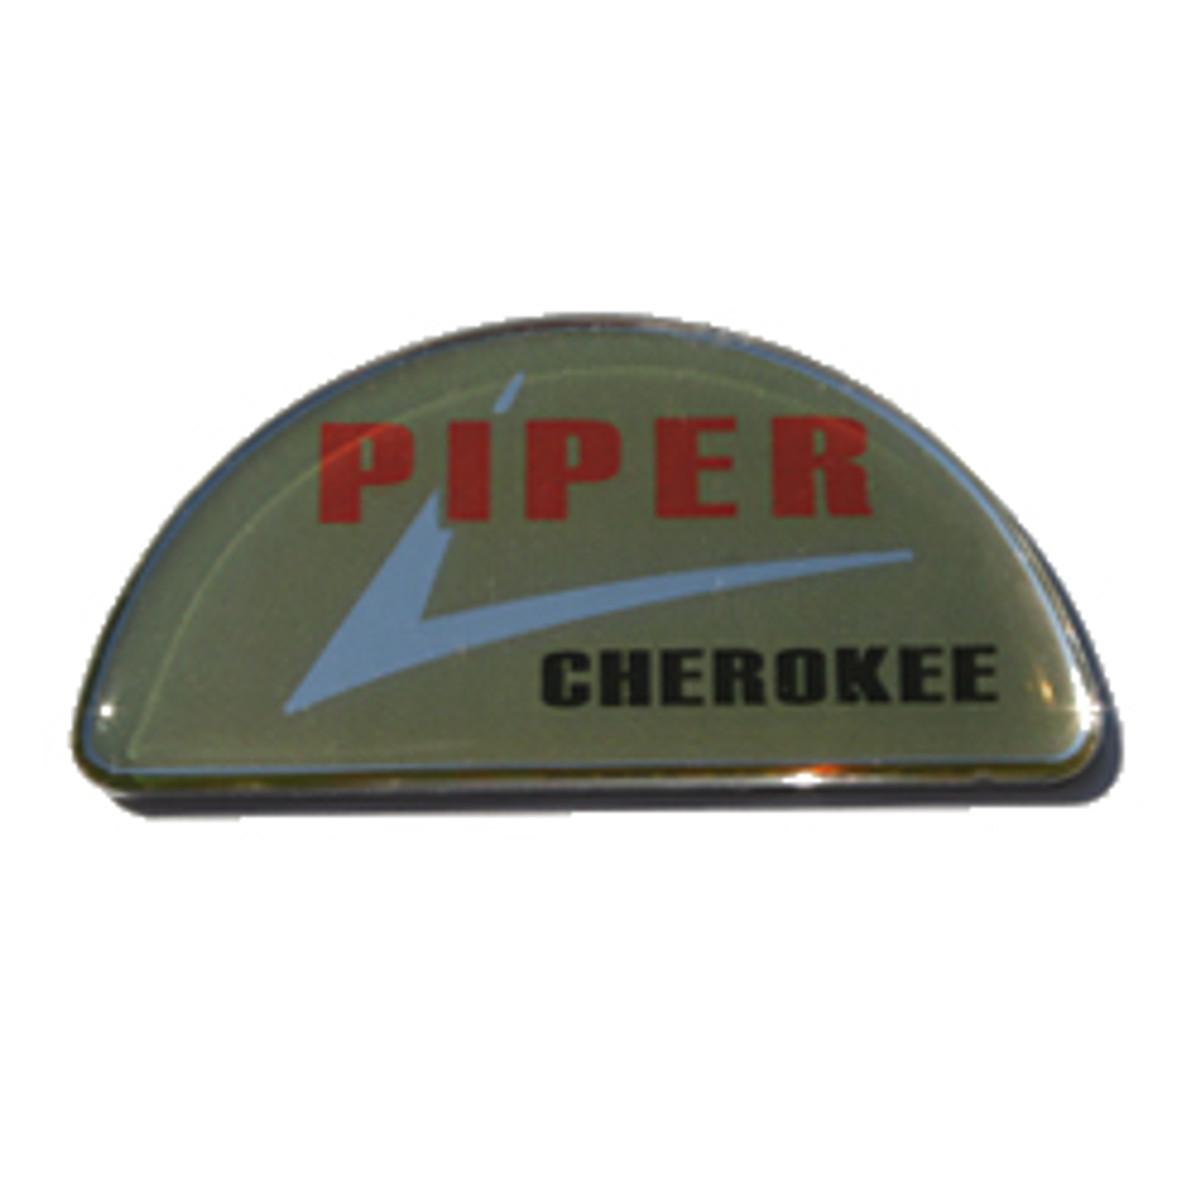 Piper Yoke Emblem